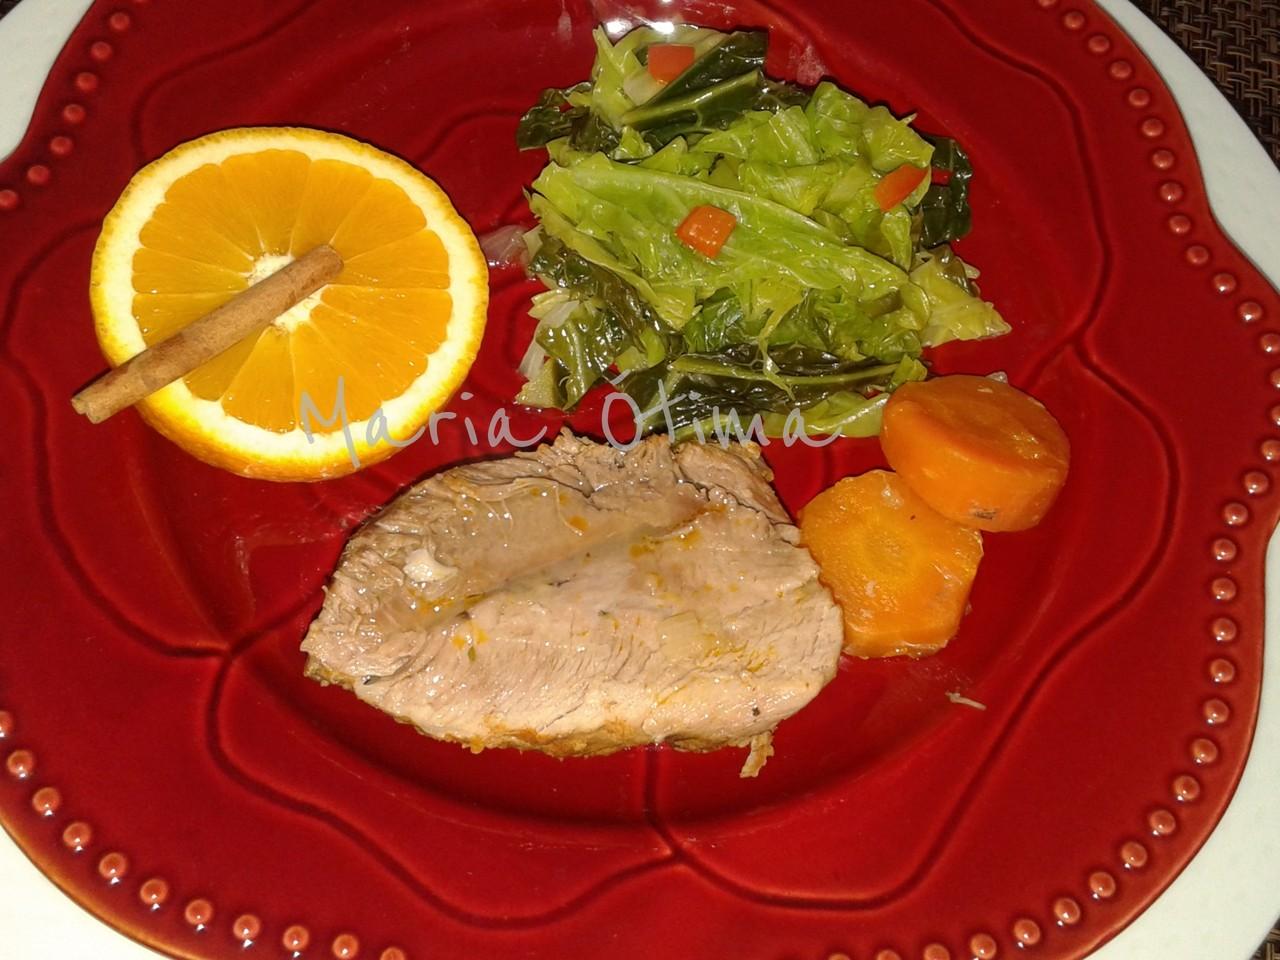 Carne de porco com laranja e canela2.jpg